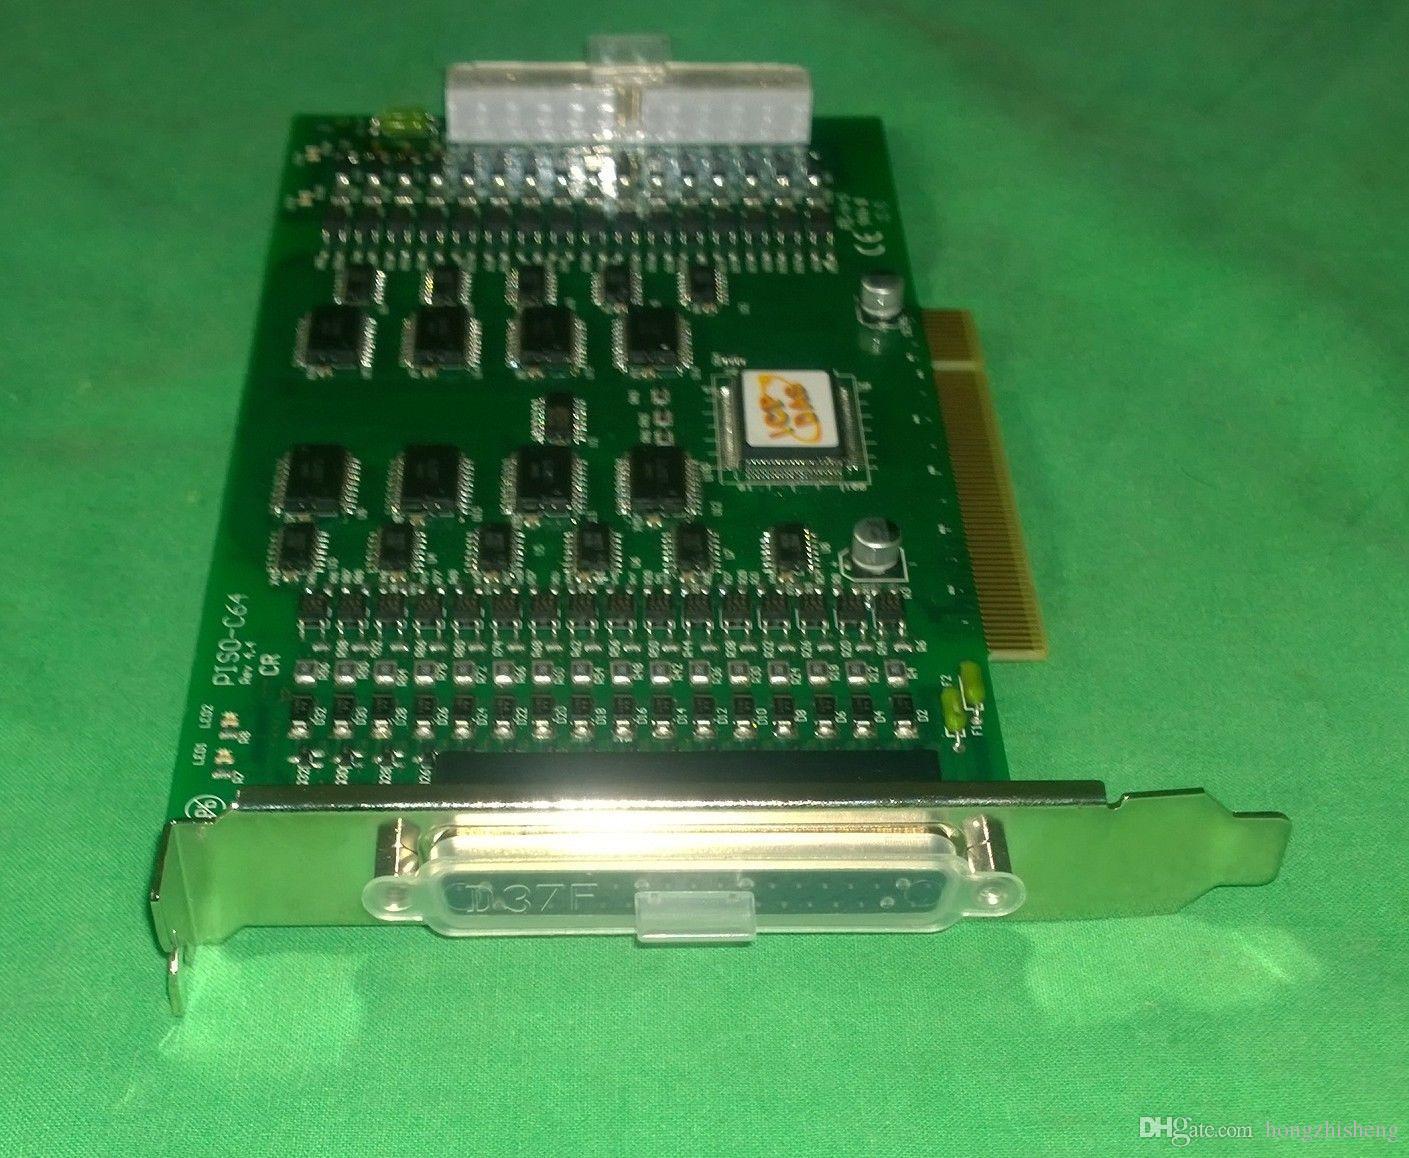 Endüstriyel ekipman kurulu PISO-C64 ICP DAS REV 3.0 64 Kanal Optik Olarak Izole Açık Toplayıcı Dijital Çıkış Kurulu